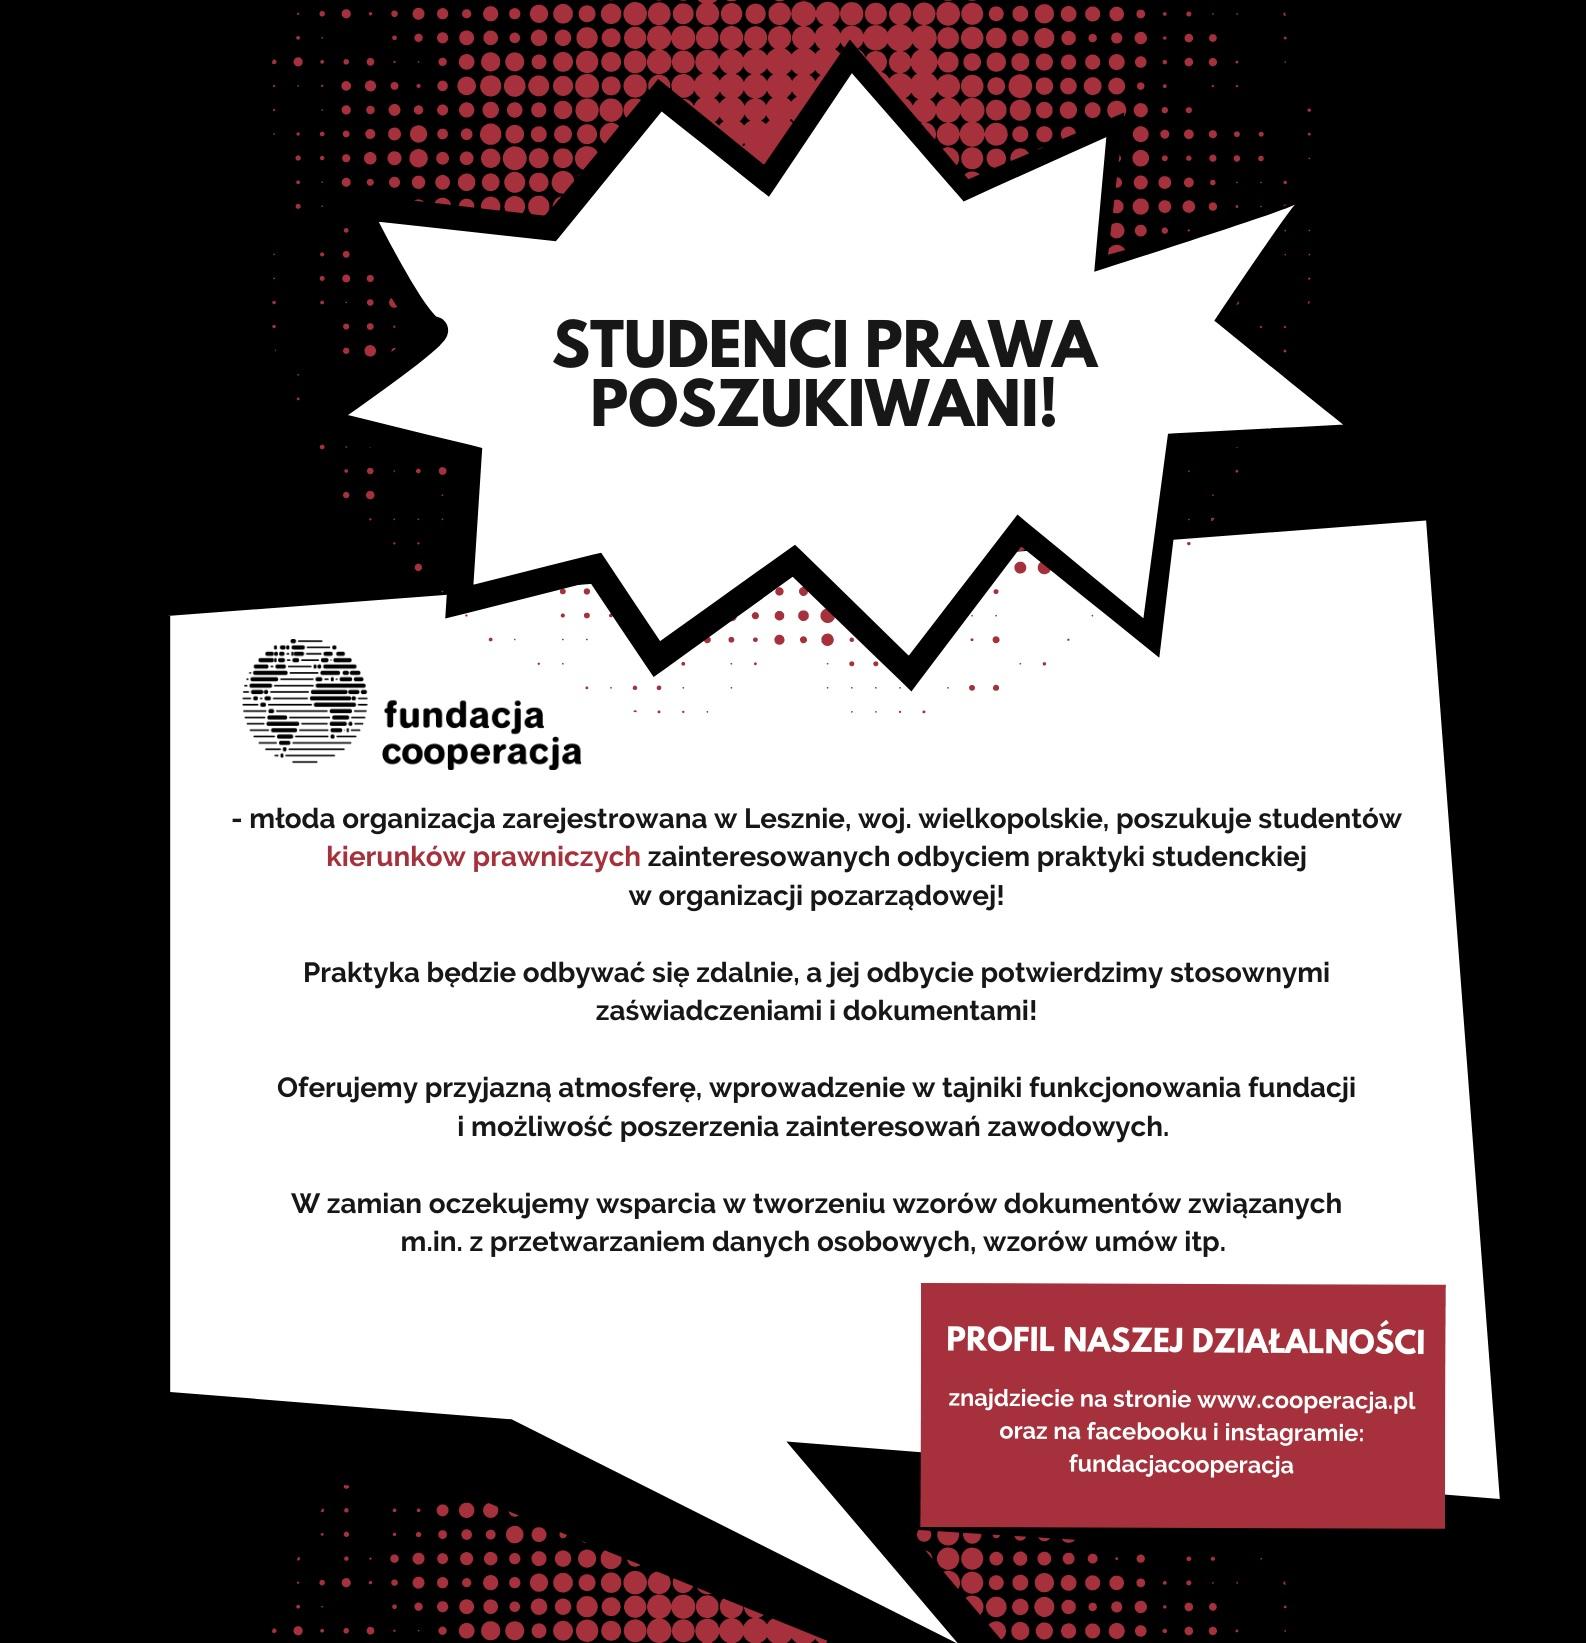 Oferta praktyk dla studentów kierunków prawniczych